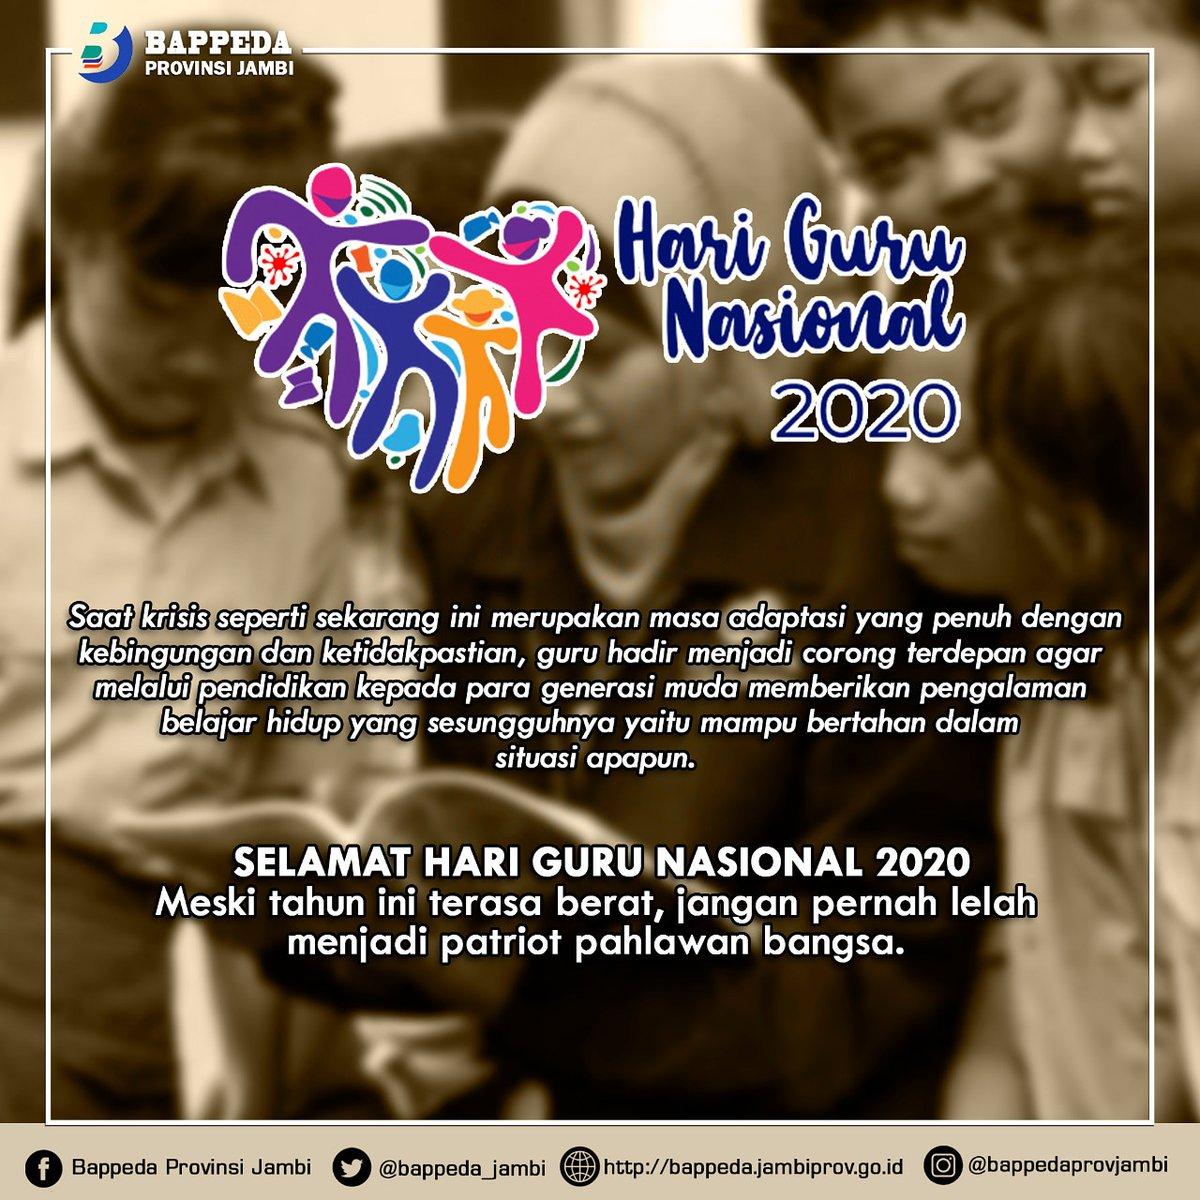 Selamat Hari Guru Nasional Tahun 2020  #newnormal  #bappedaprovinsijambi  #bapppedaprovjambi  #bappedajambi